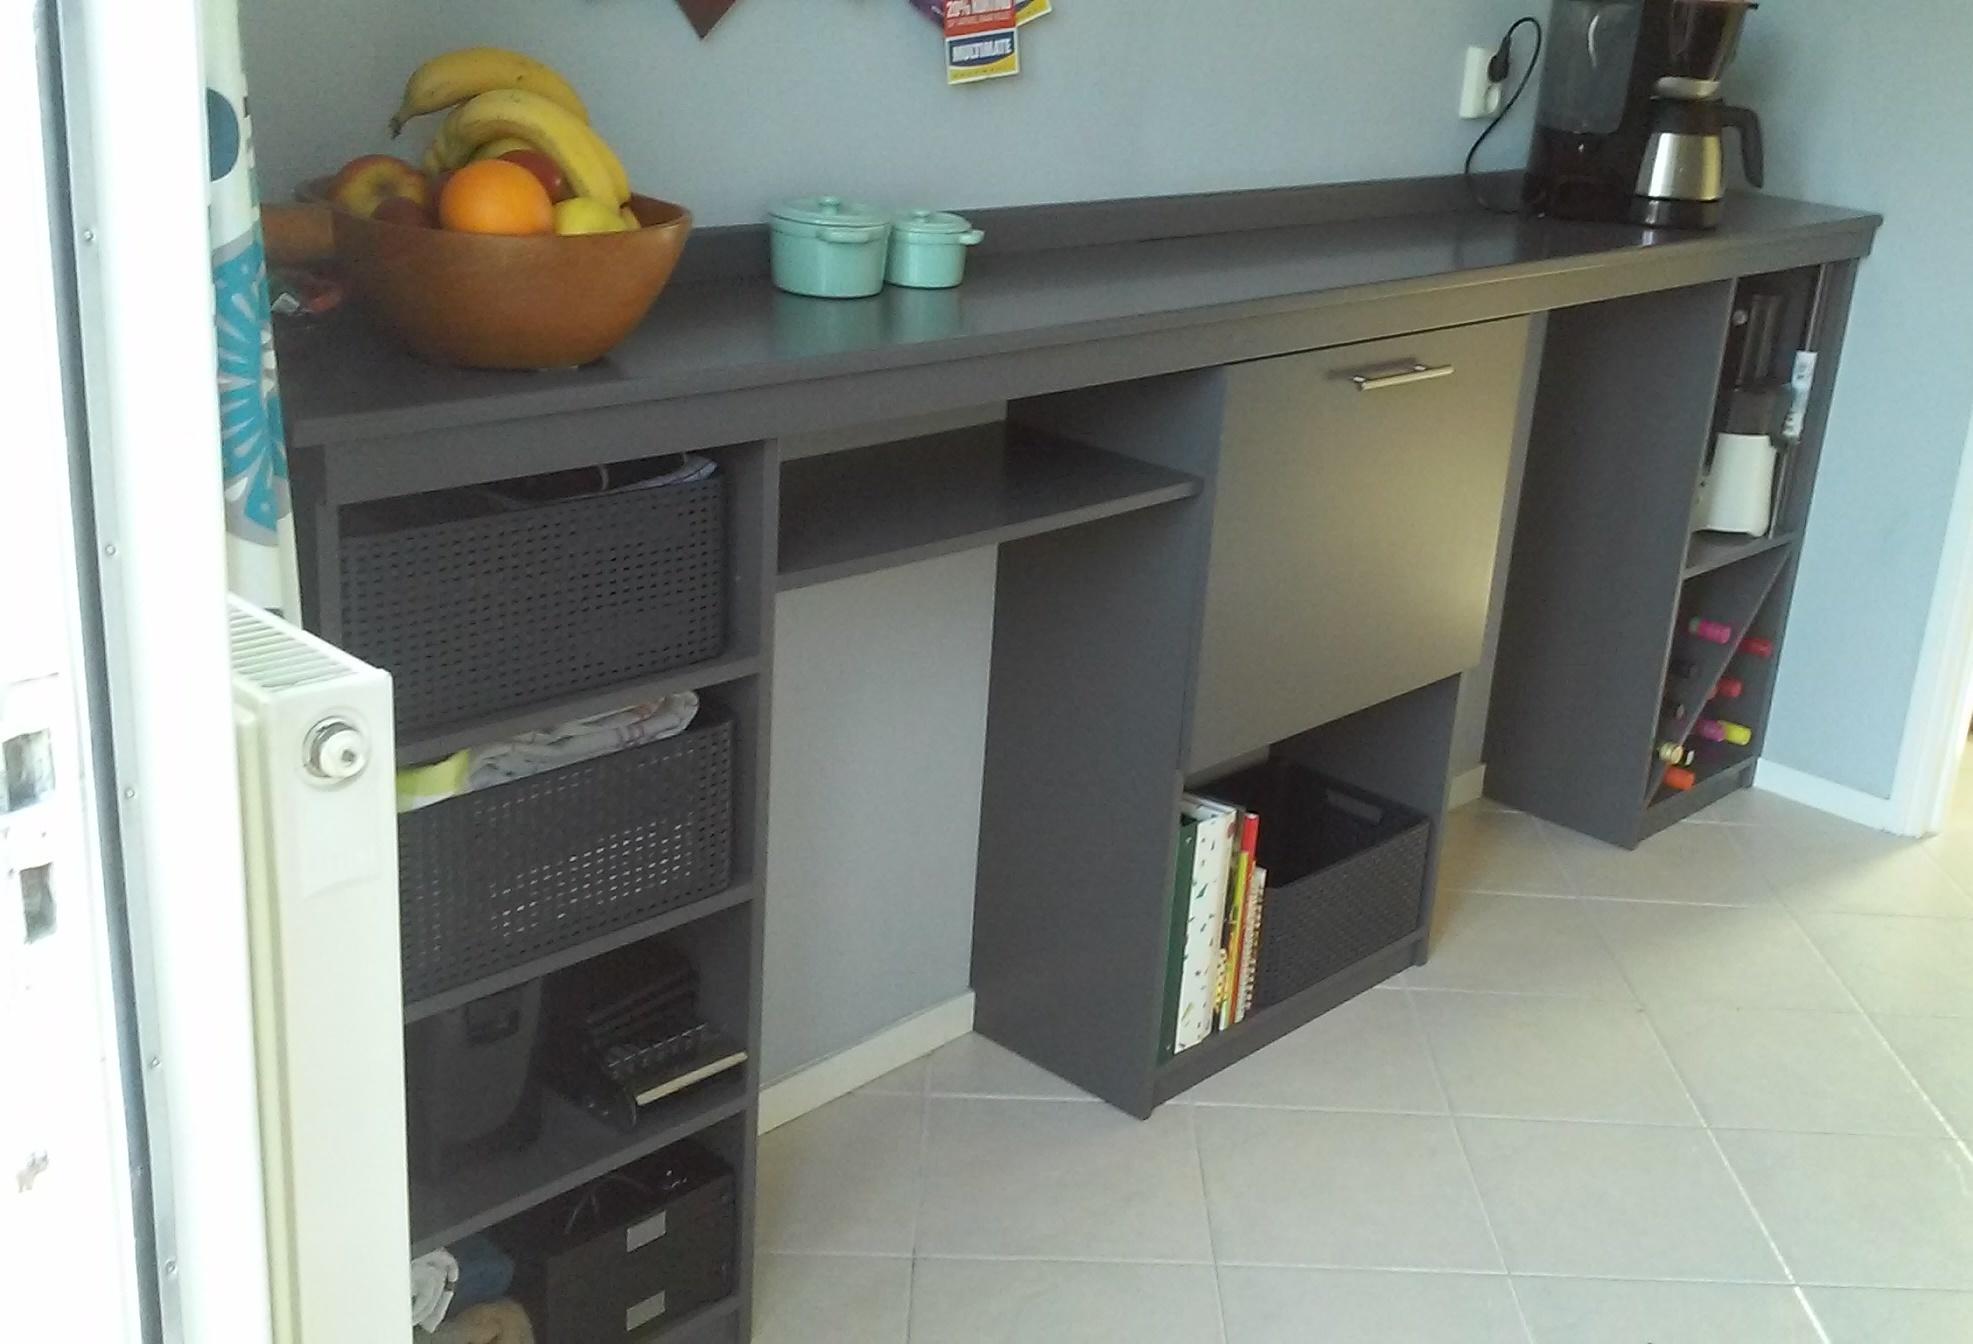 Keuken Wandkast Maken : Keuken Wandkast Maken : wandkast keuken met opbergvakken, middenkast